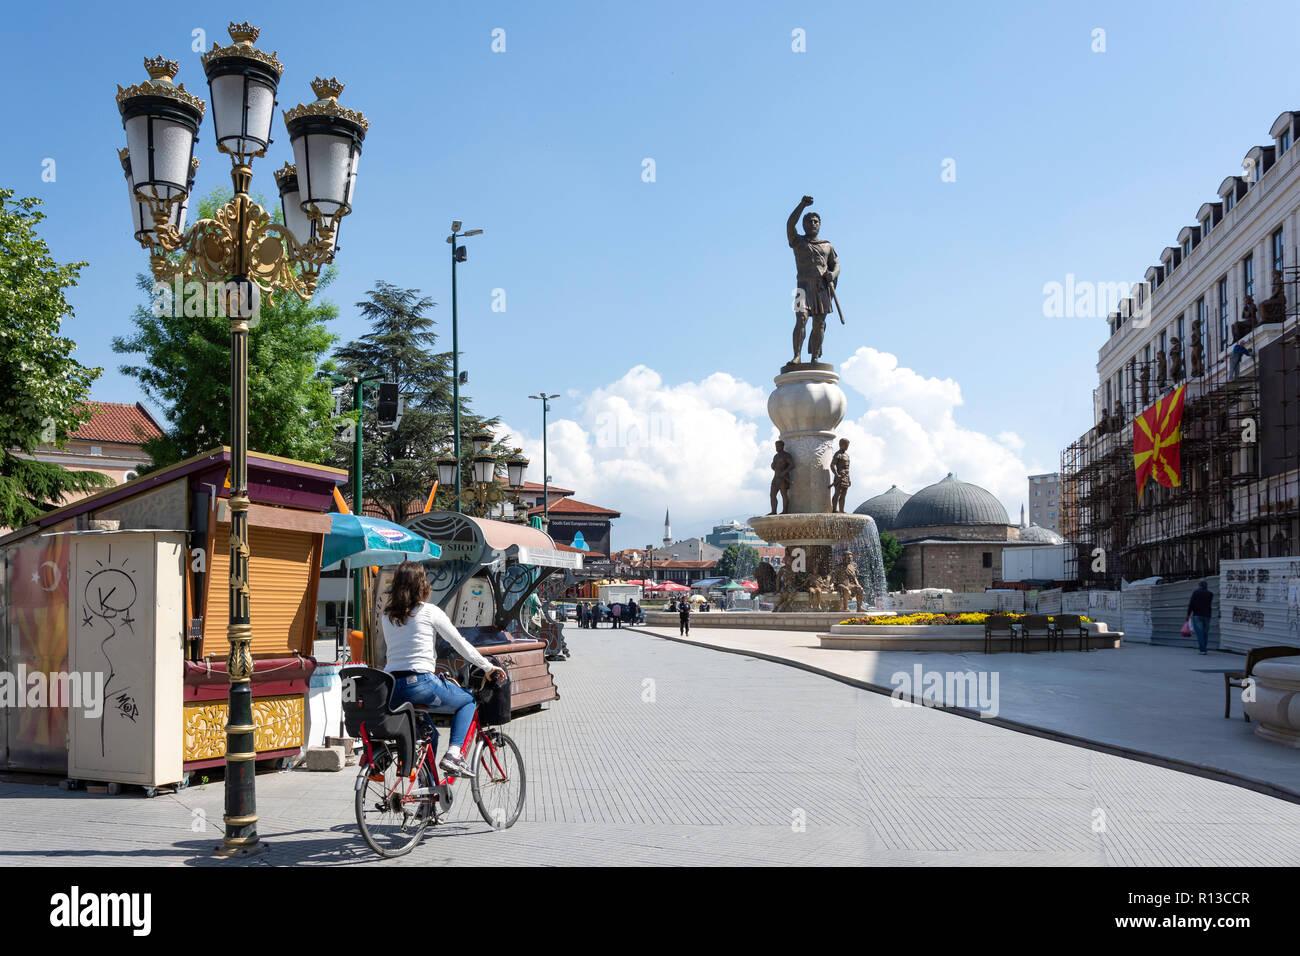 Karposh Uprising Square, Old Bazaar, Skopje, Skopje Region, Republic of Macedonia - Stock Image